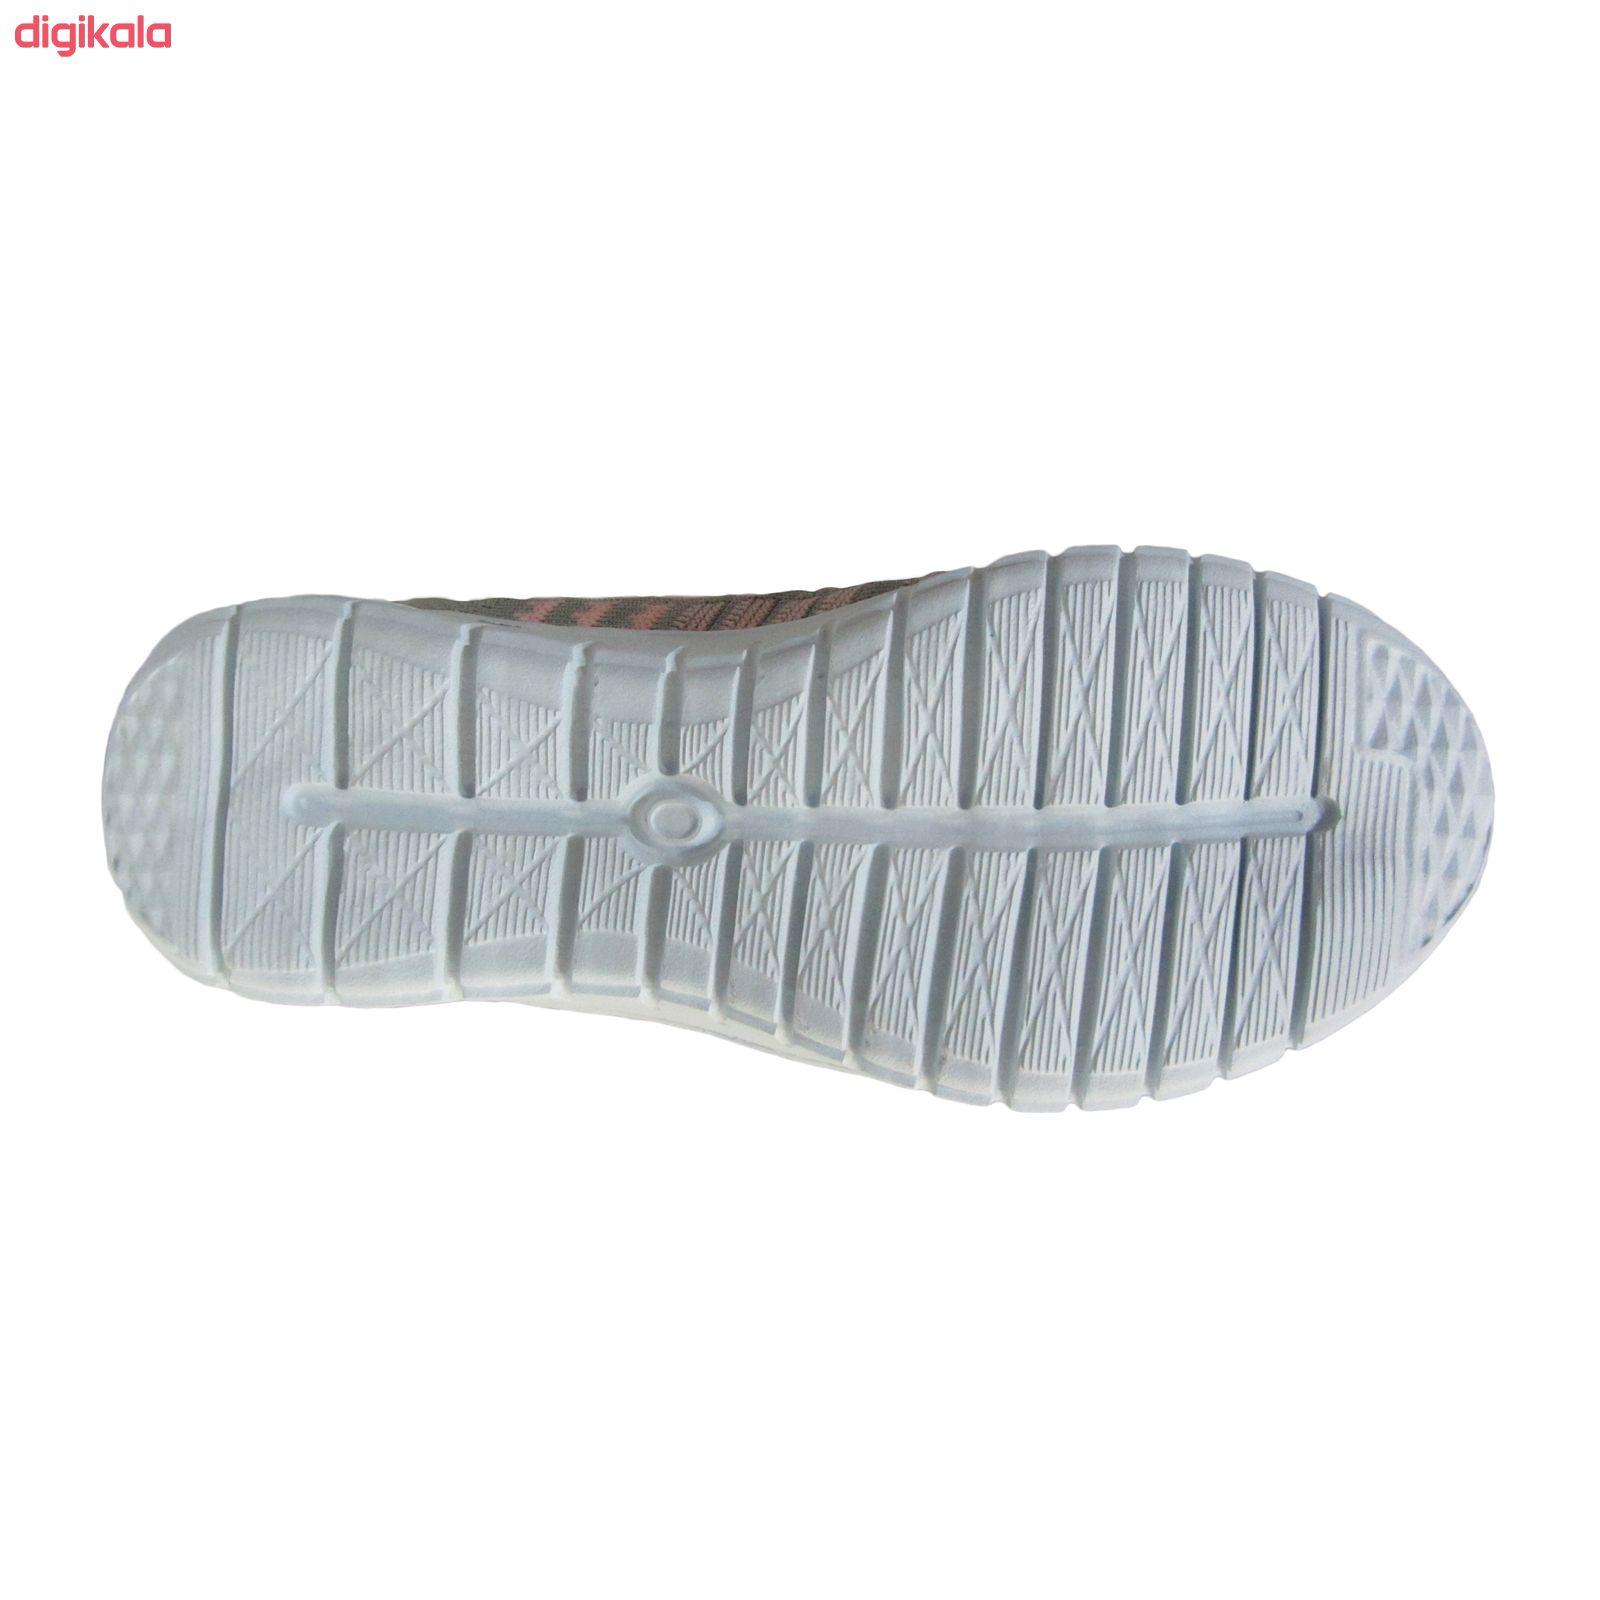 کفش مخصوص پیاده روی زنانه آلبرتینی مدل برلیان کد 02 main 1 5